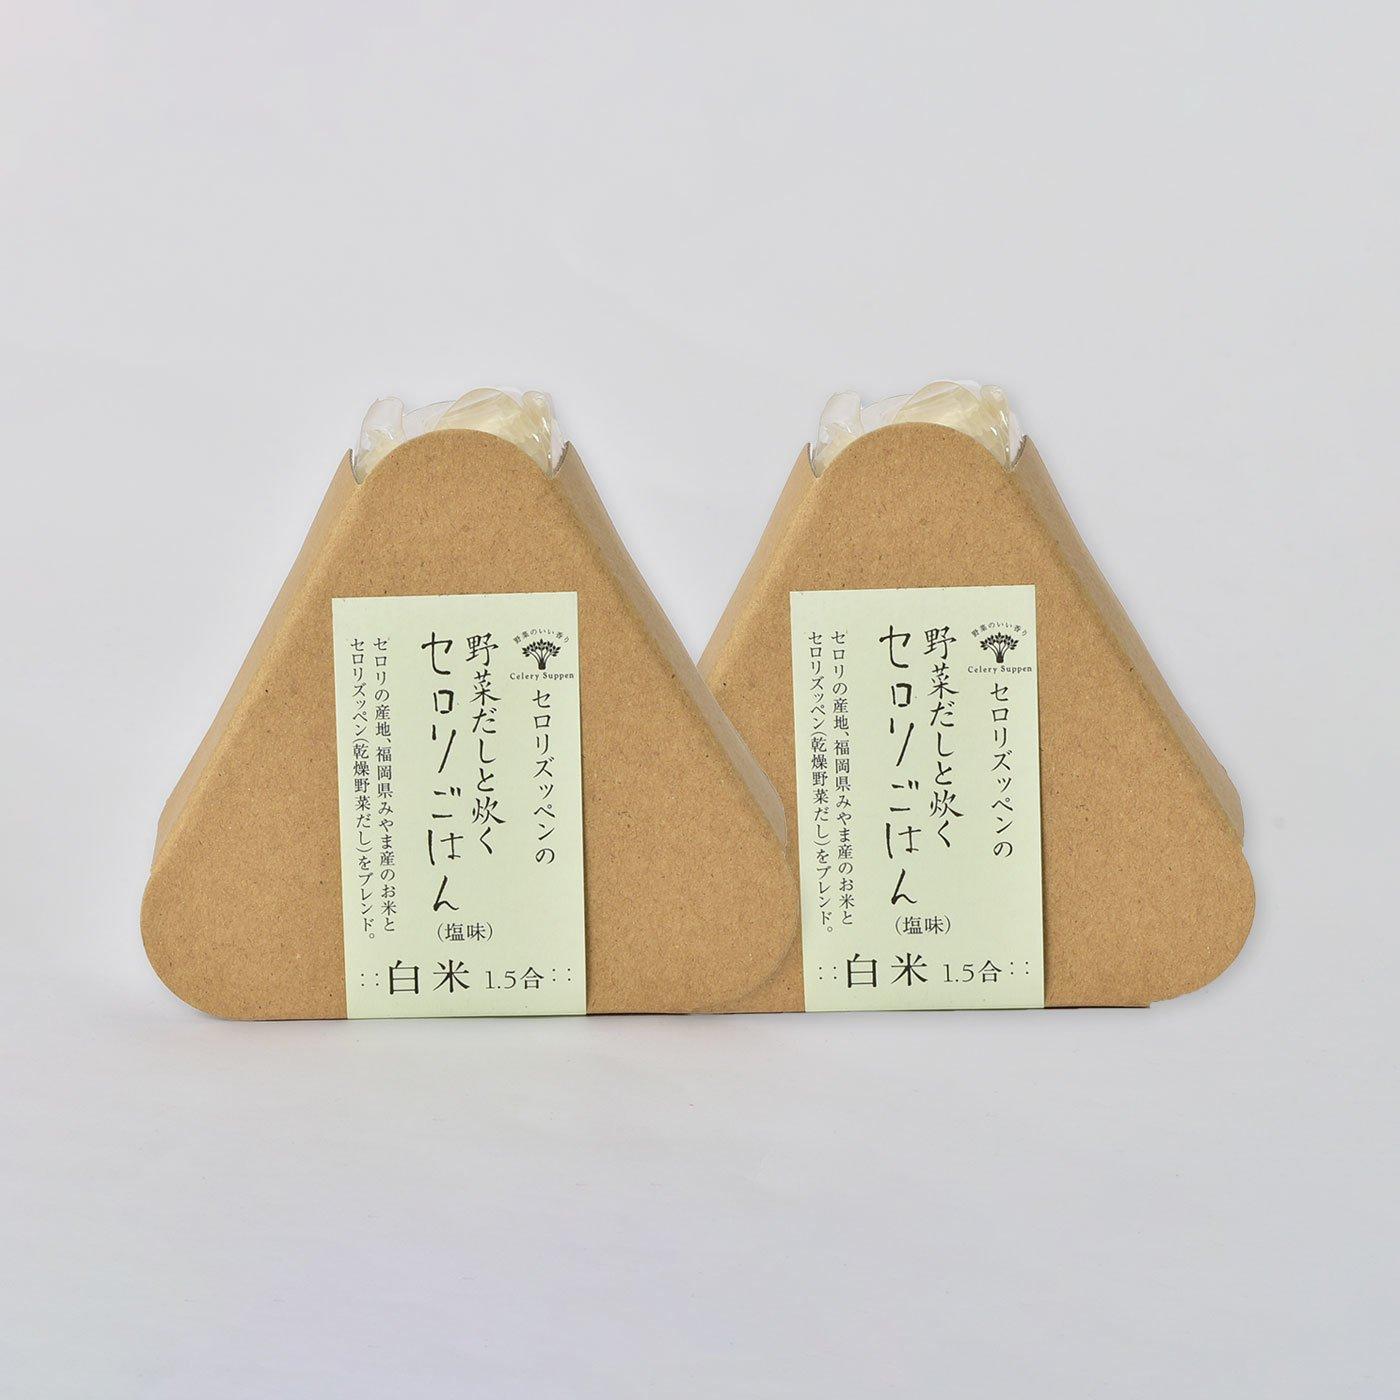 純農 野菜出汁と炊く セロリごはん(白米) 2個セットの会